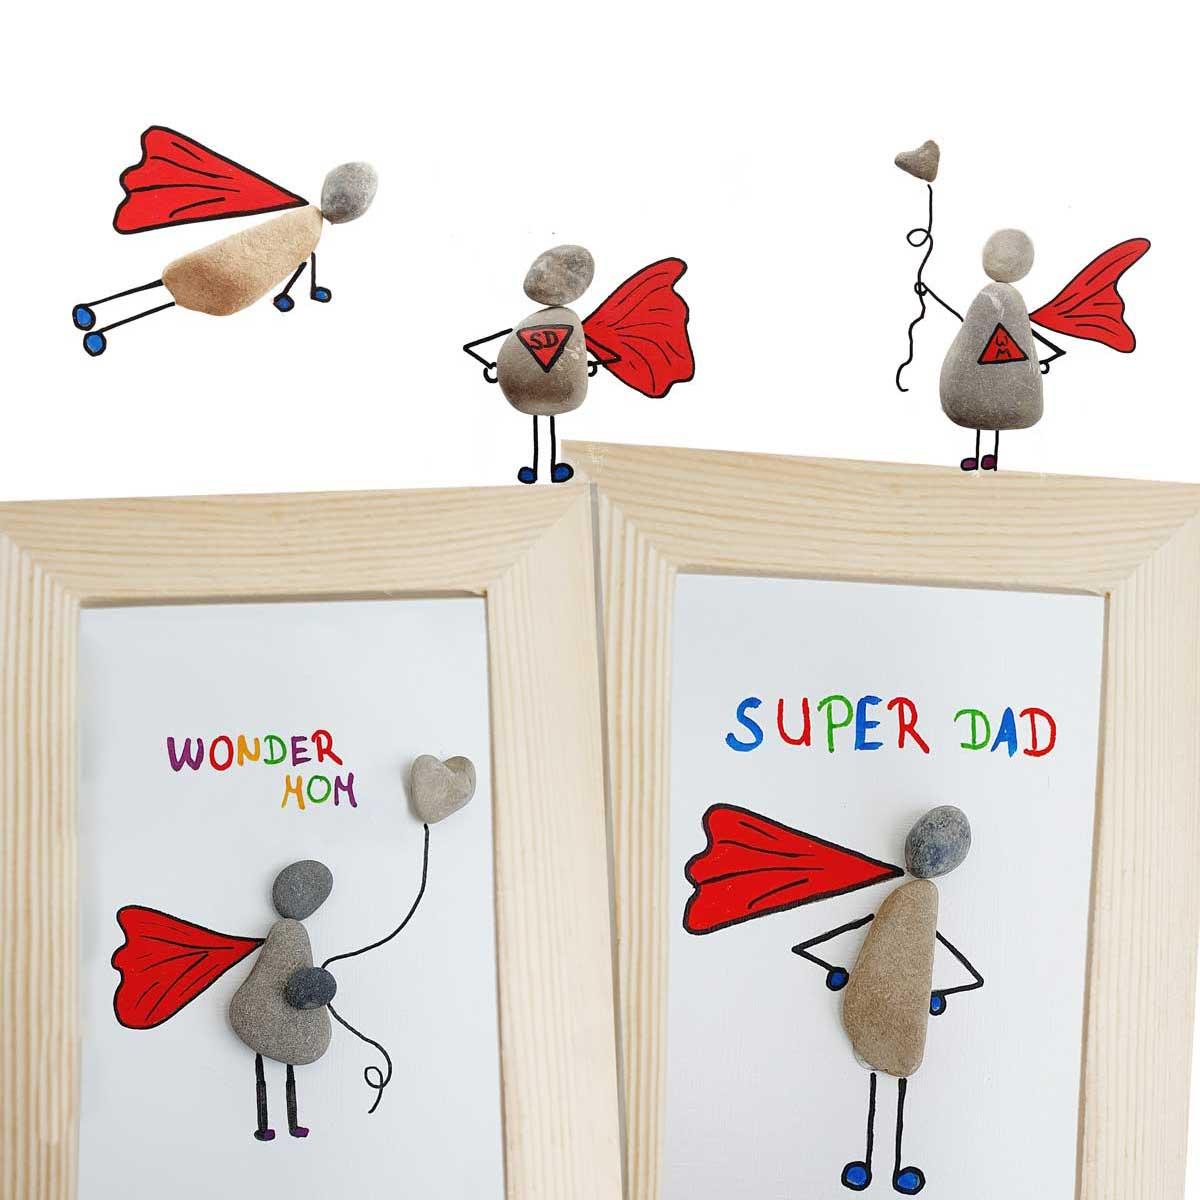 Hier kommen Super-Dad und Wonder-Mom!